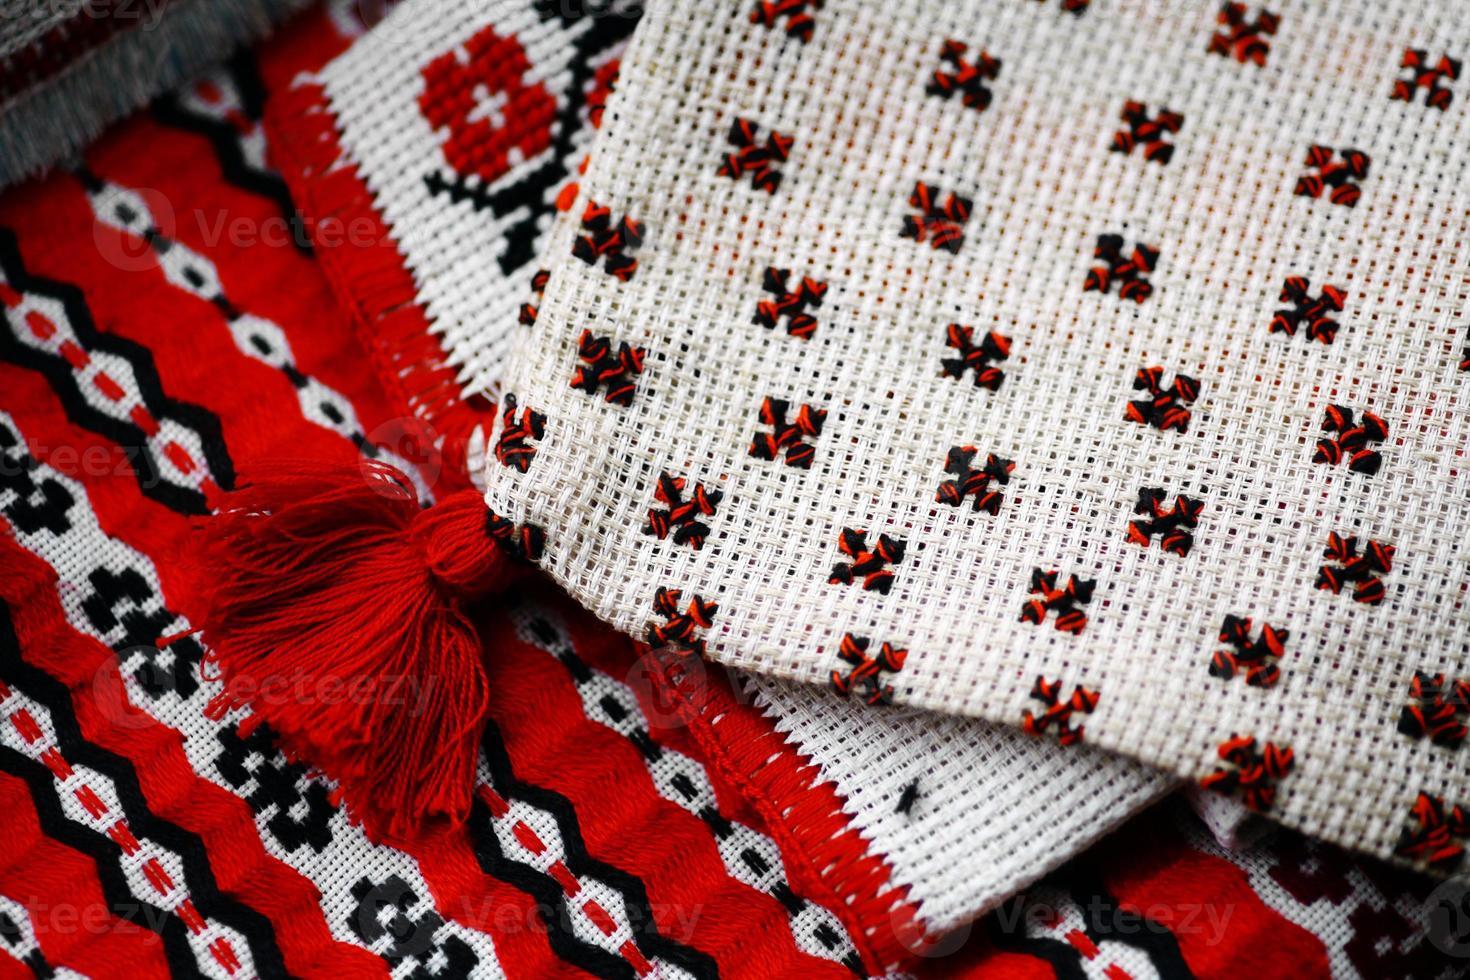 rumänska vävt tyg foto